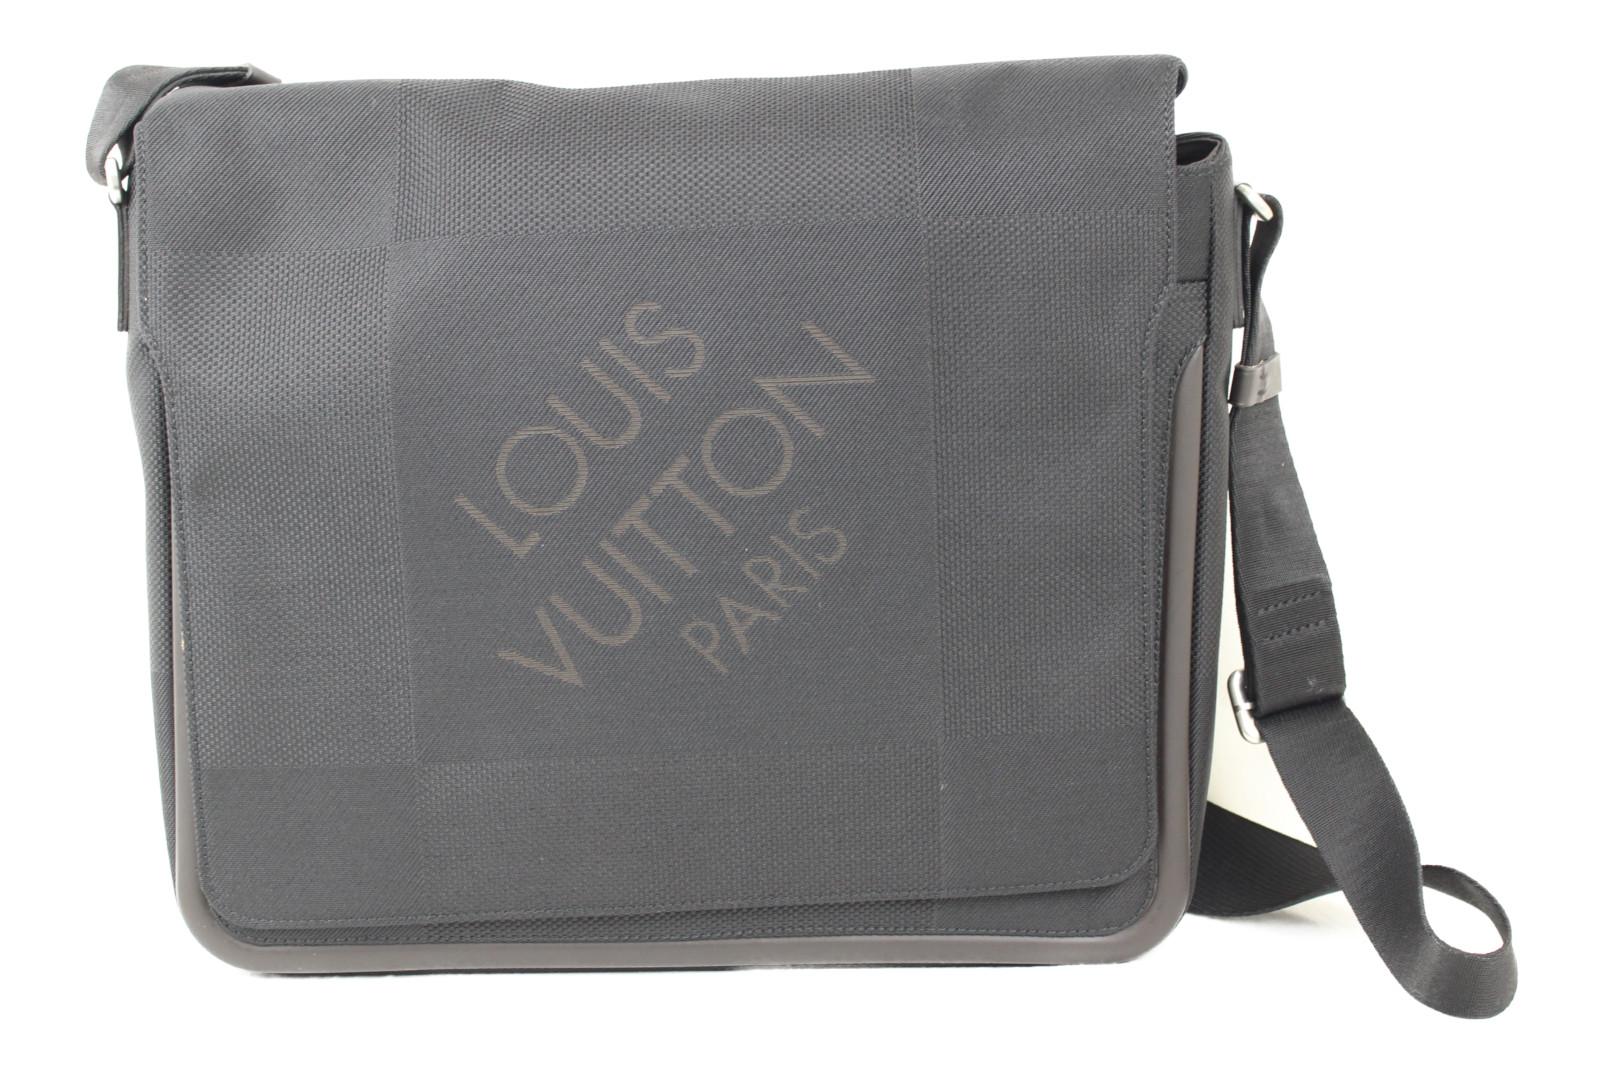 【珍しい!】LOUIS VUITTON ルイヴィトン メサジェ M93032 ダミエジェアン/ブラック キャンバス メンズ レディース ウィメンズ ユニセックス ブランド ショルダーバッグ 大きい 斜め掛け【中古】